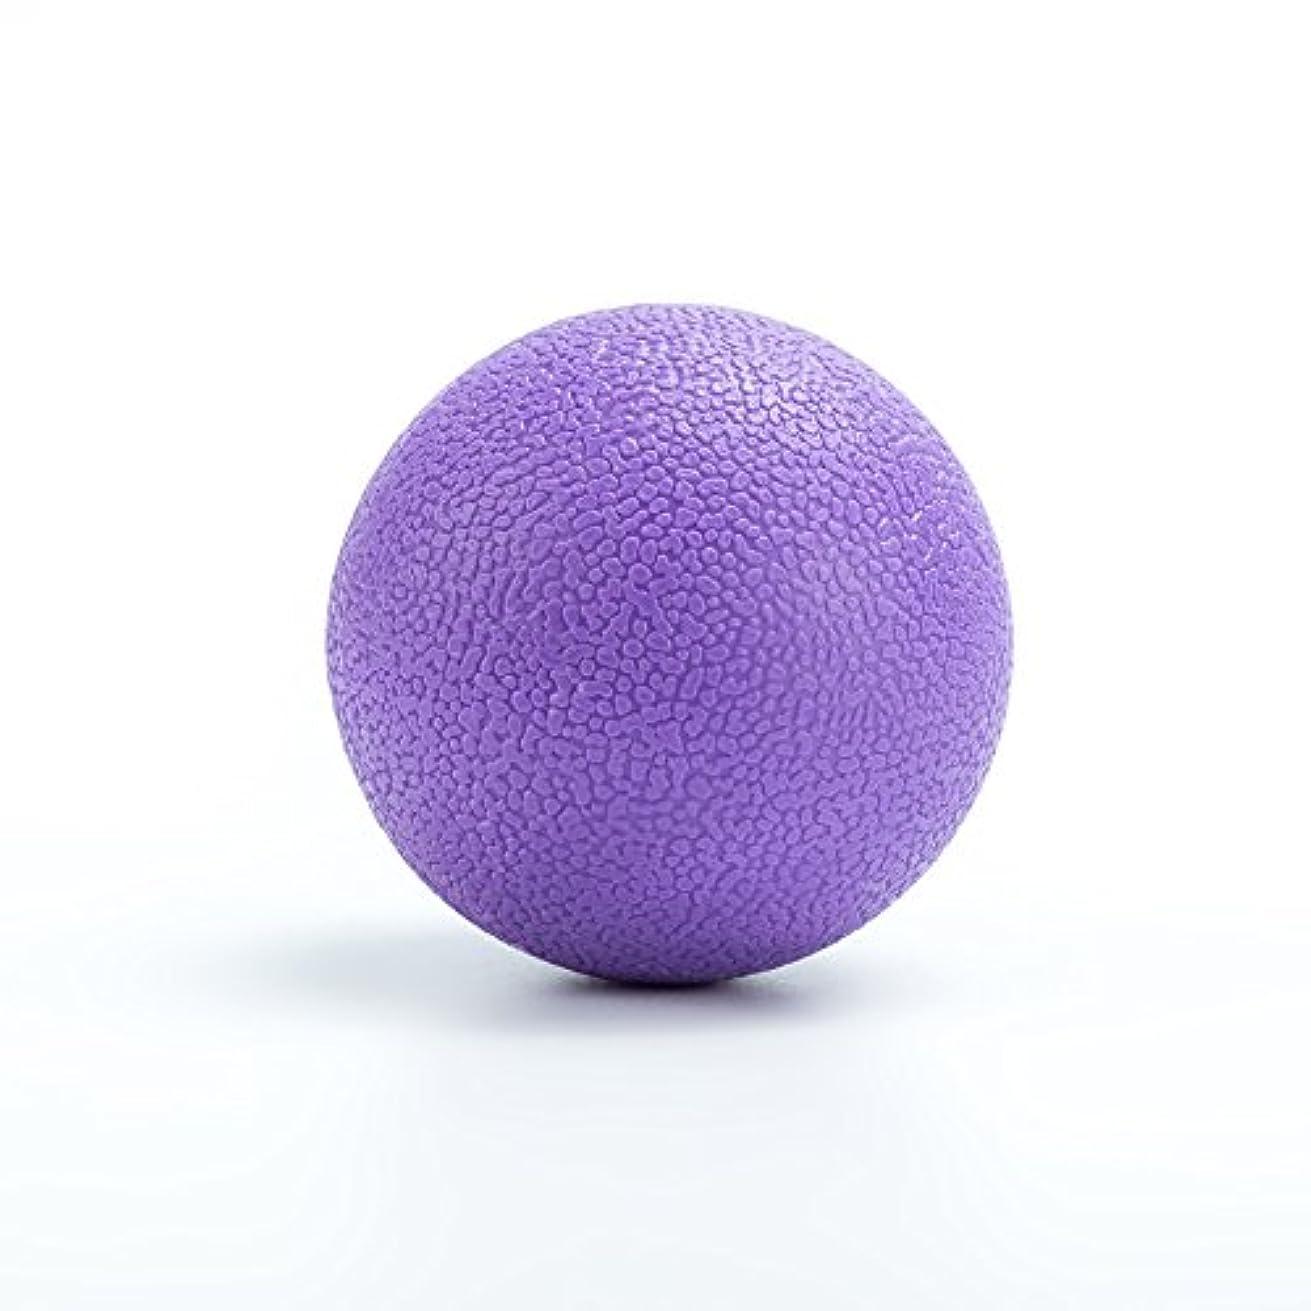 磨かれたウッズ意味のあるMassage Ball マッサージボール 筋膜リリース Yoga Lacrosse Ball 背中 肩こり 腰 ふくらはぎ 足裏 ツボ押しグッズ